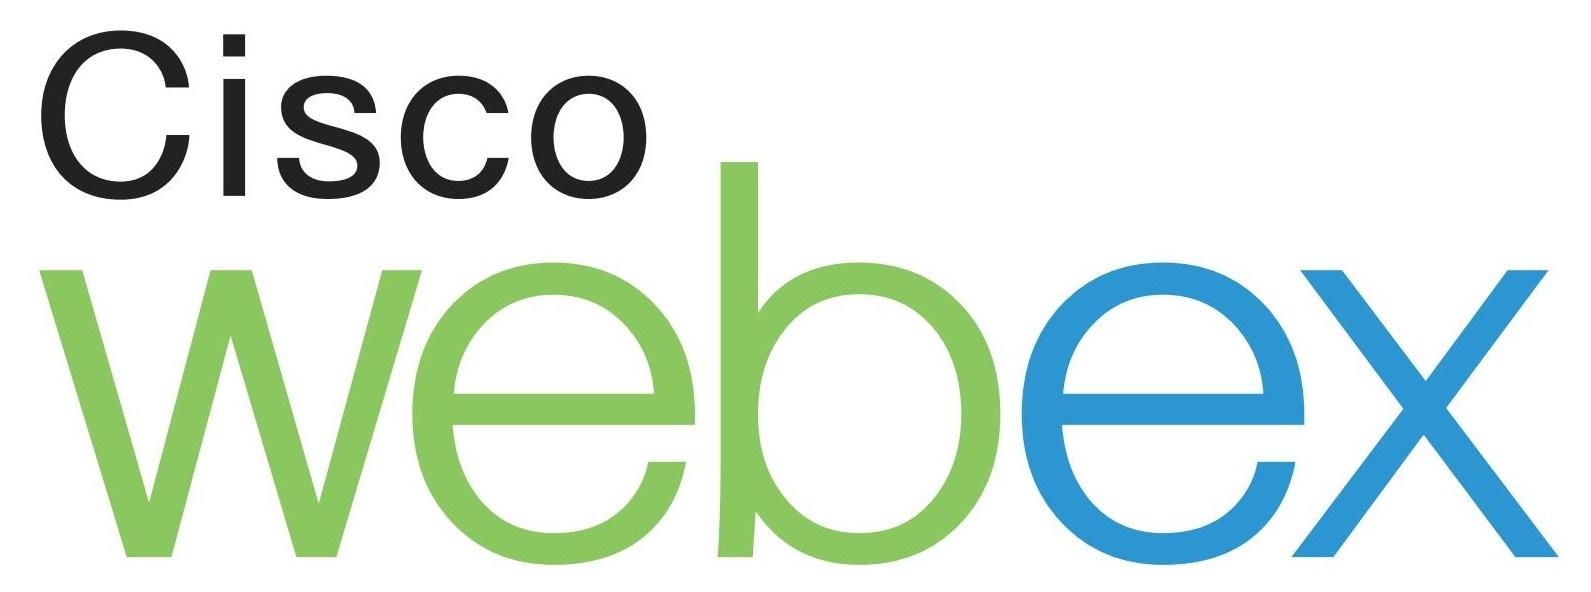 cisco-webex-logo